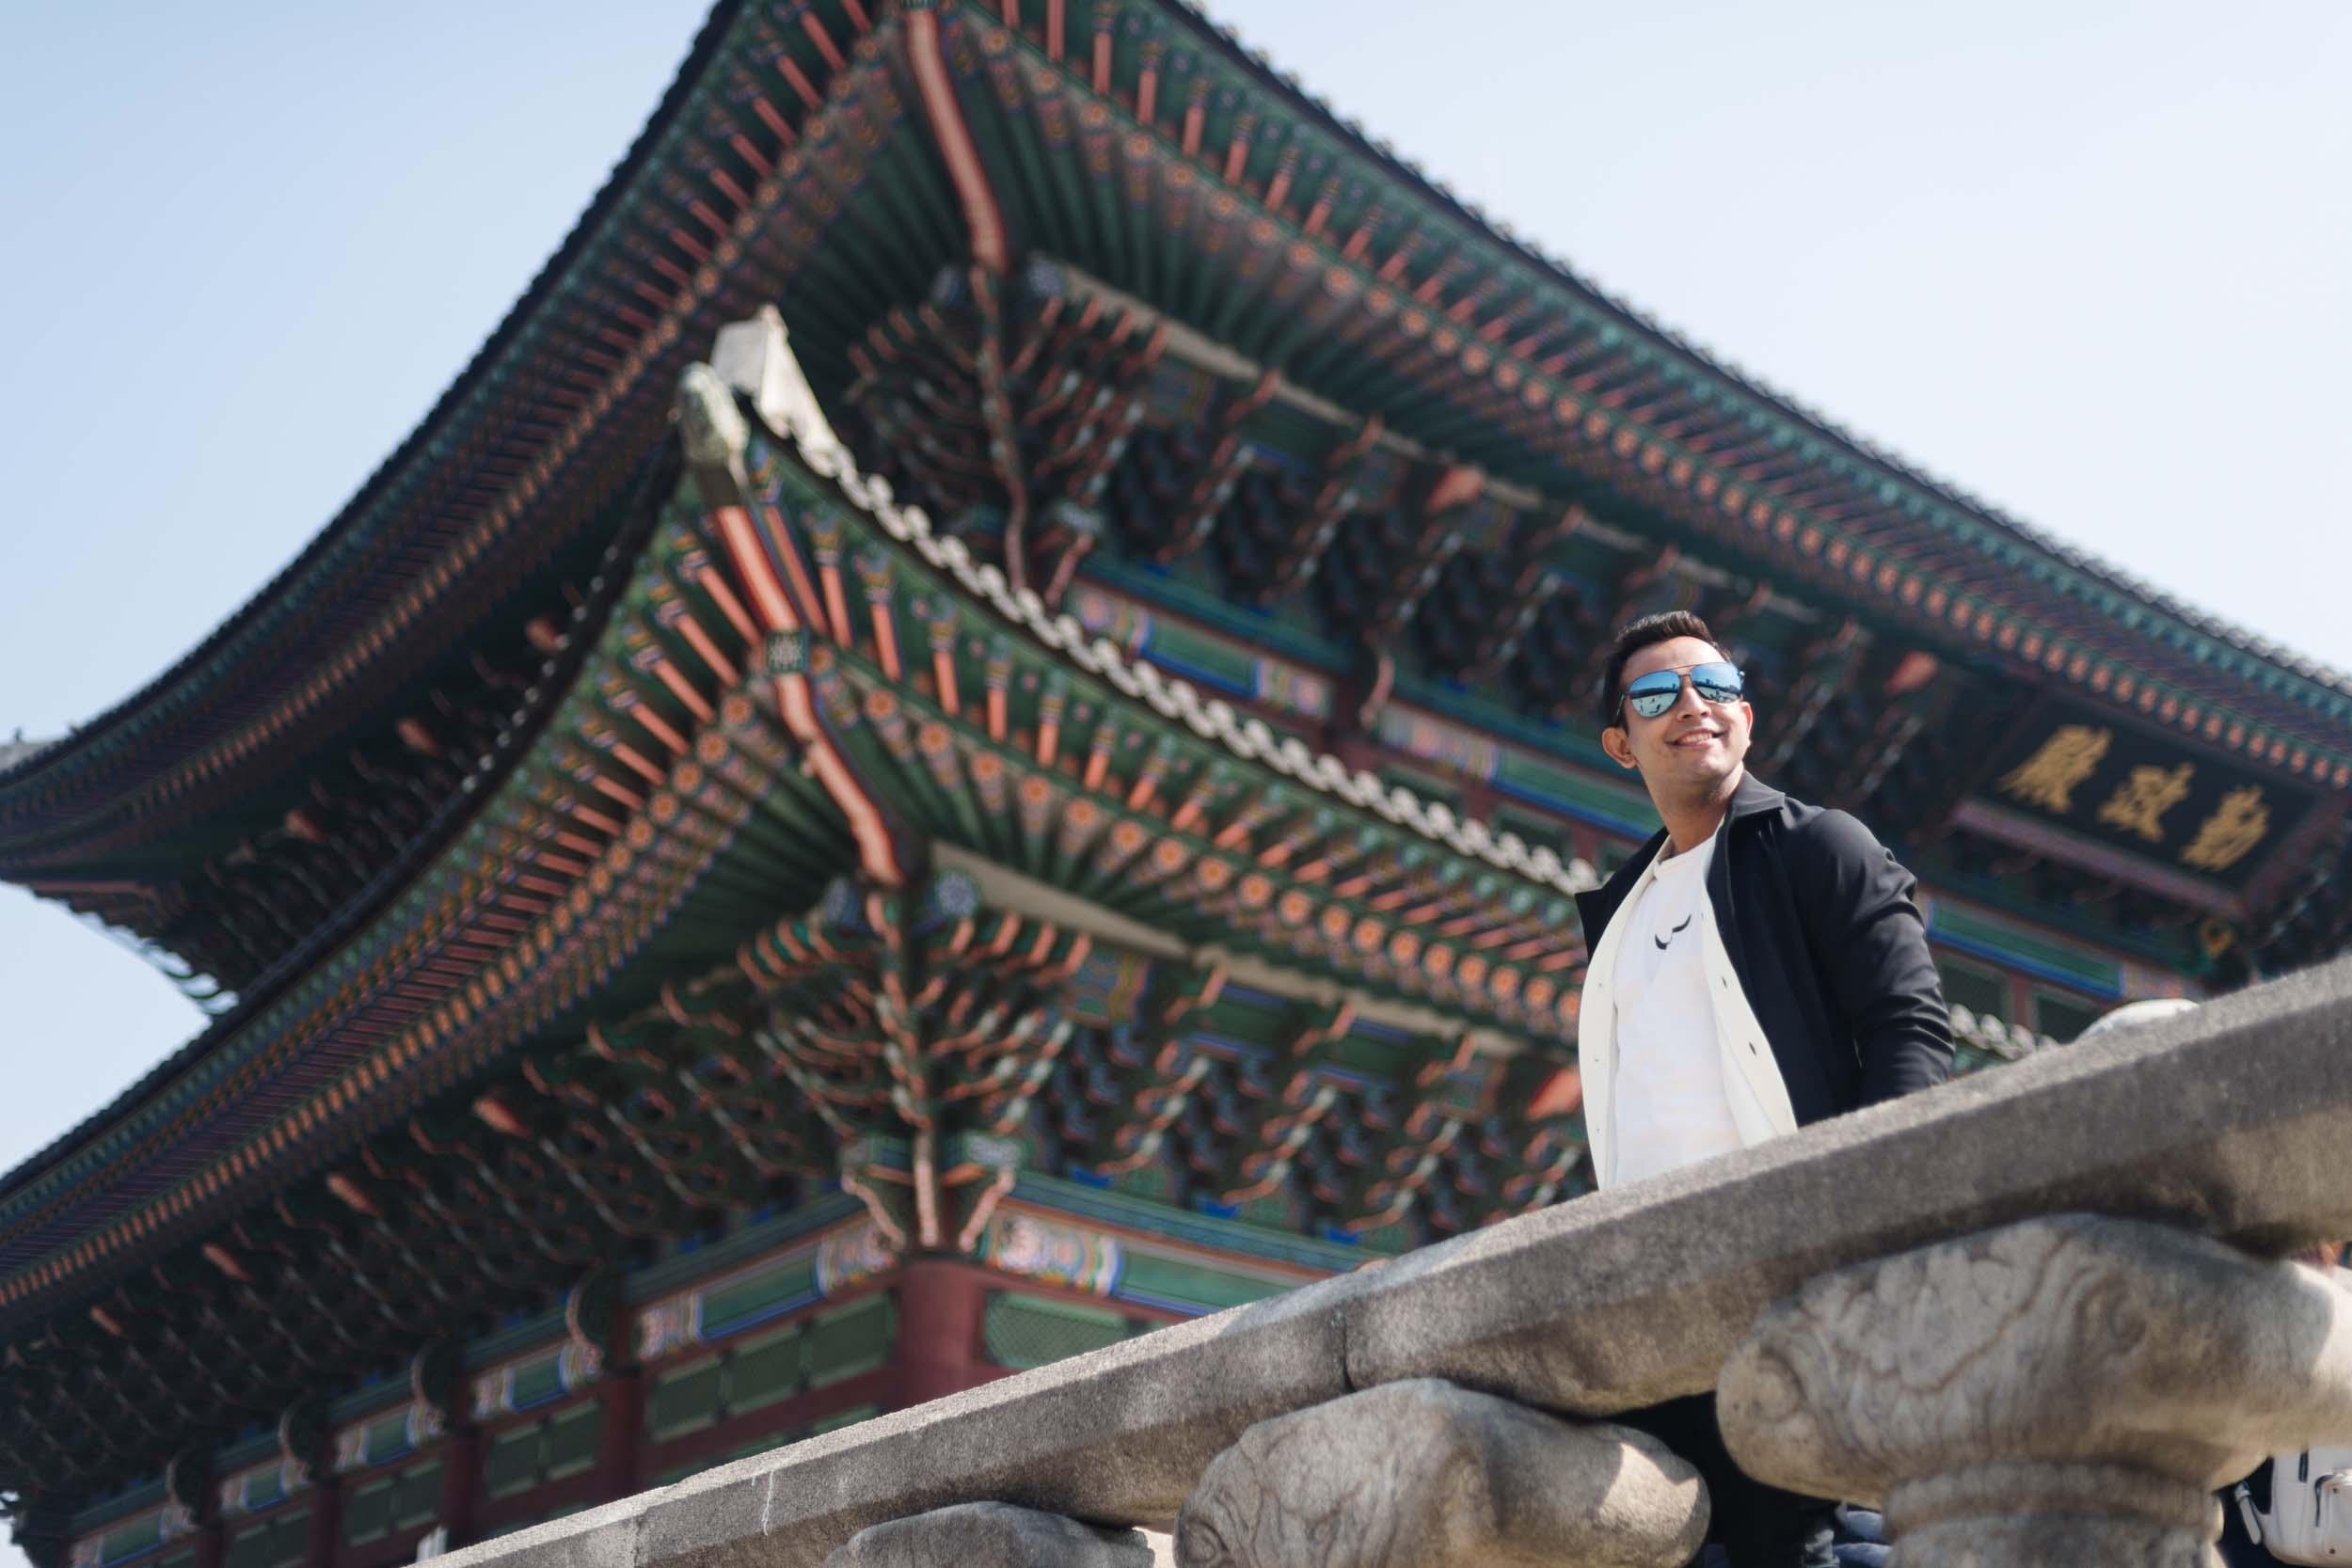 Flytographer Allen in Seoul